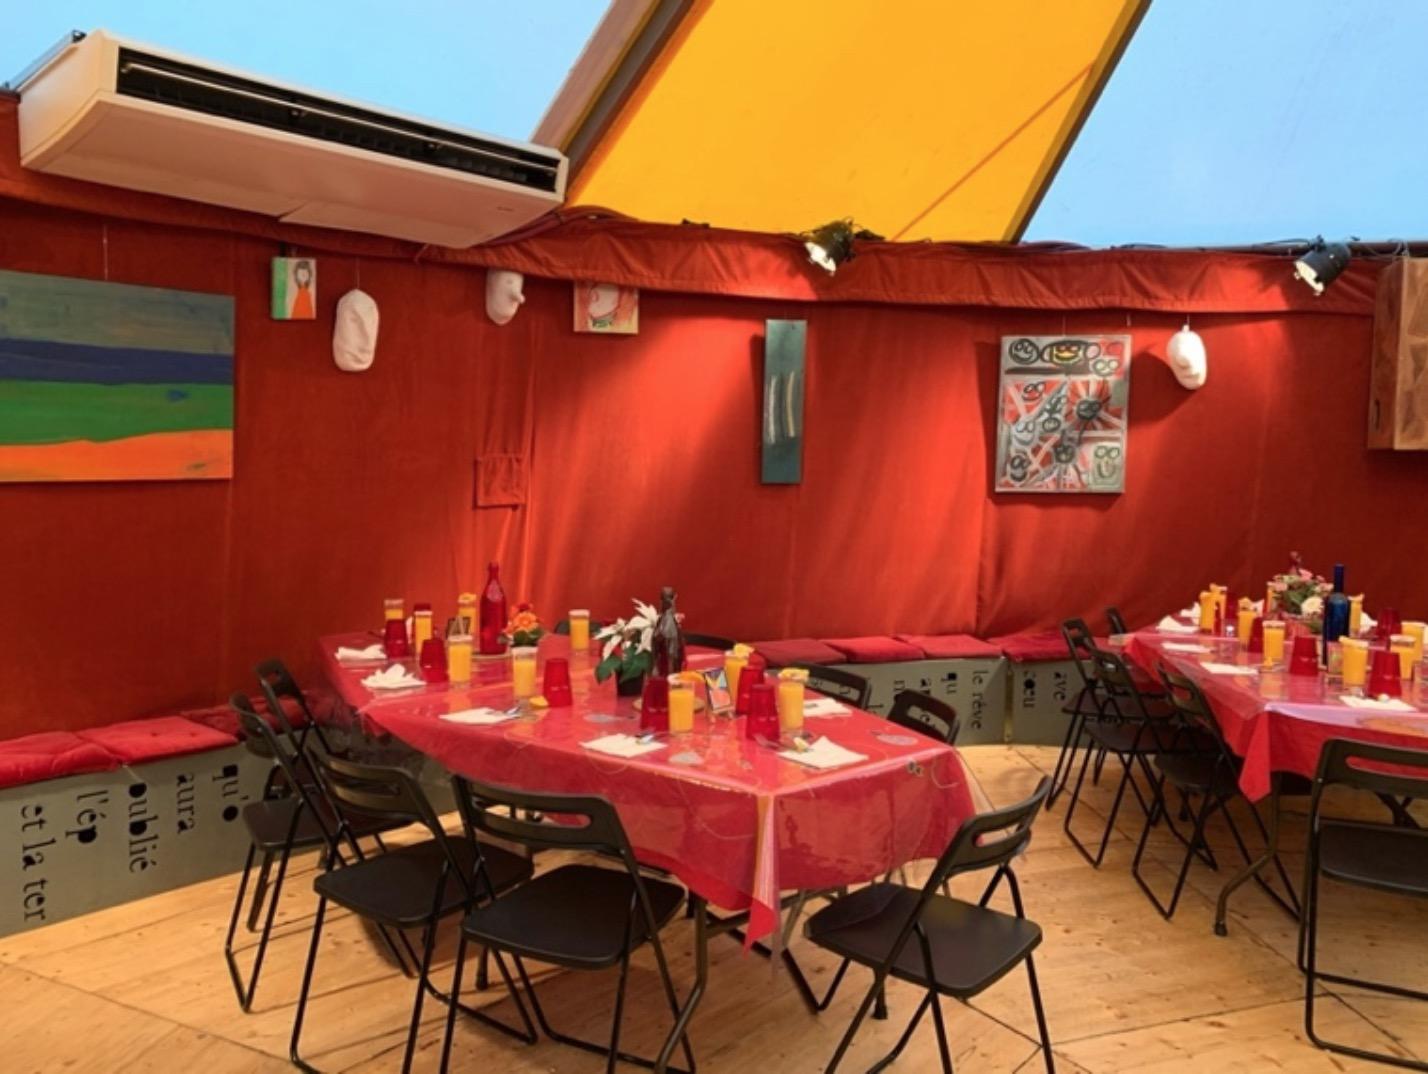 Sous le petit chapiteau, les tables sont mises au cordeau. Les murs sont décorés d'œuvres réalisées dans les ateliers.